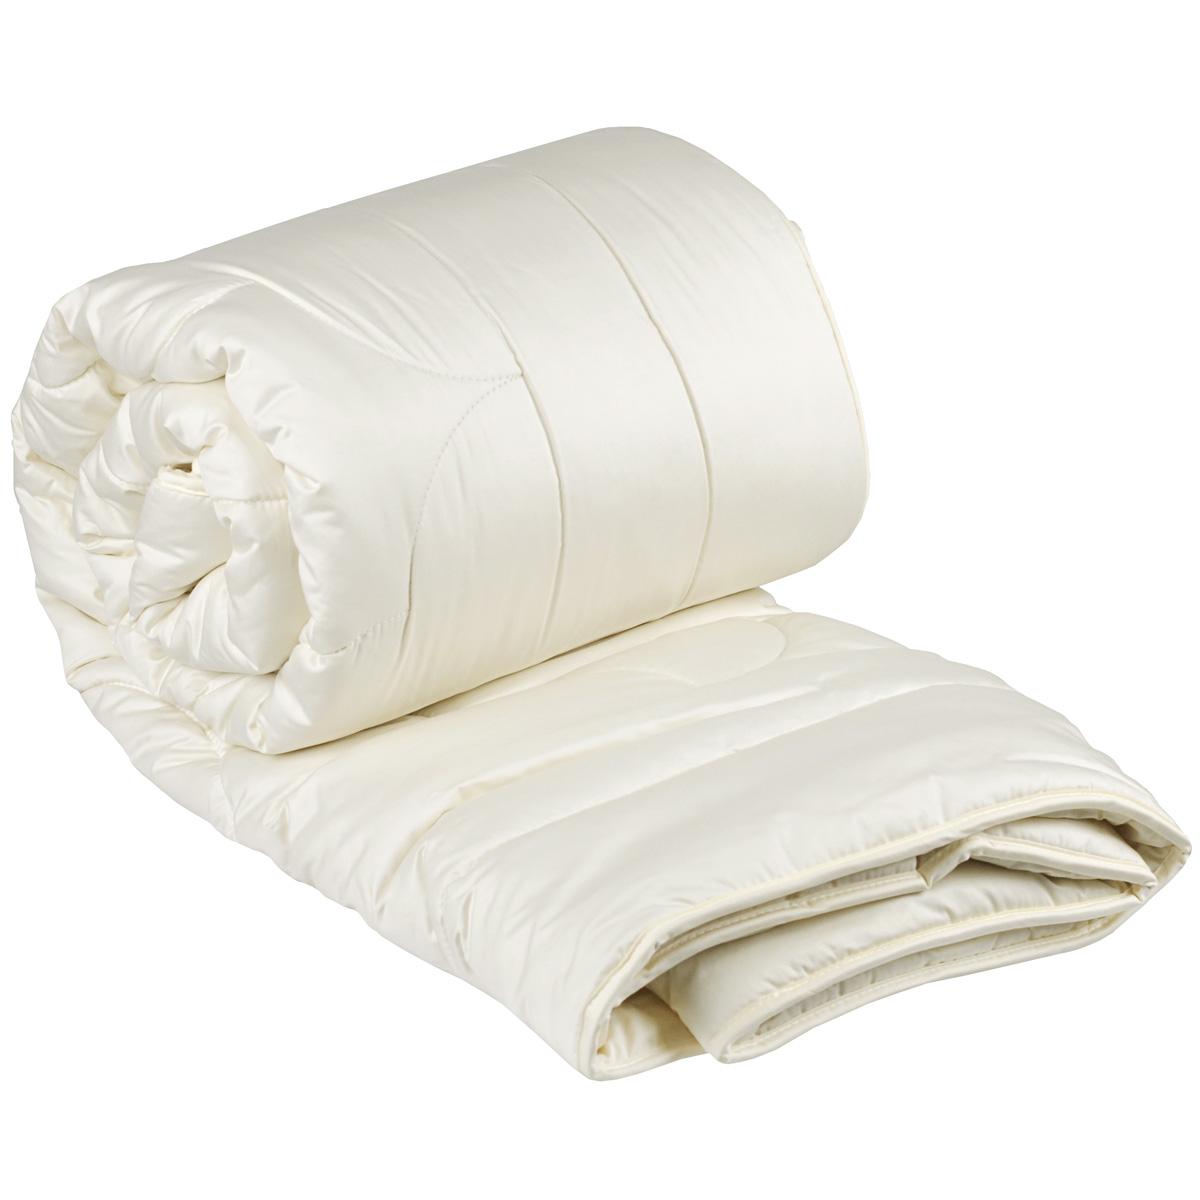 Одеяло Dargez Акапулько, легкое, наполнитель: шерсть альпака, 200 х 220 см26(37)39Одеяло Dargez Акапулько представляет собой чехол из сатина гладкокрашеного (100% хлопок) с наполнителем шерсти альпака. Шерсть альпака - легкая, тонкая, мягкая, с шелковистым блеском и по своим основным характеристикам обладающая антиаллергенными, противовоспалительными и ранозаживляющими свойствами. Оделяло Dargez Акапулько создано специально для тех, кто ценит здоровый сон. Сатиновый чехол декорирован эксклюзивным жаккардовым рисунком пастельного цвета. Одеяло вложено в пластиковую сумку-чехол зеленого цвета на застежке-молнии, а специальная ручка делает чехол удобным для переноски. Одеяло Акапулько доставит вам незабываемые ощущения, обеспечивая комфортный и сладкий сон на протяжении длительных ночей. Материал верха: 100% хлопок. Наполнитель: шерсть альпака. Масса наполнителя: 300 г/м2.